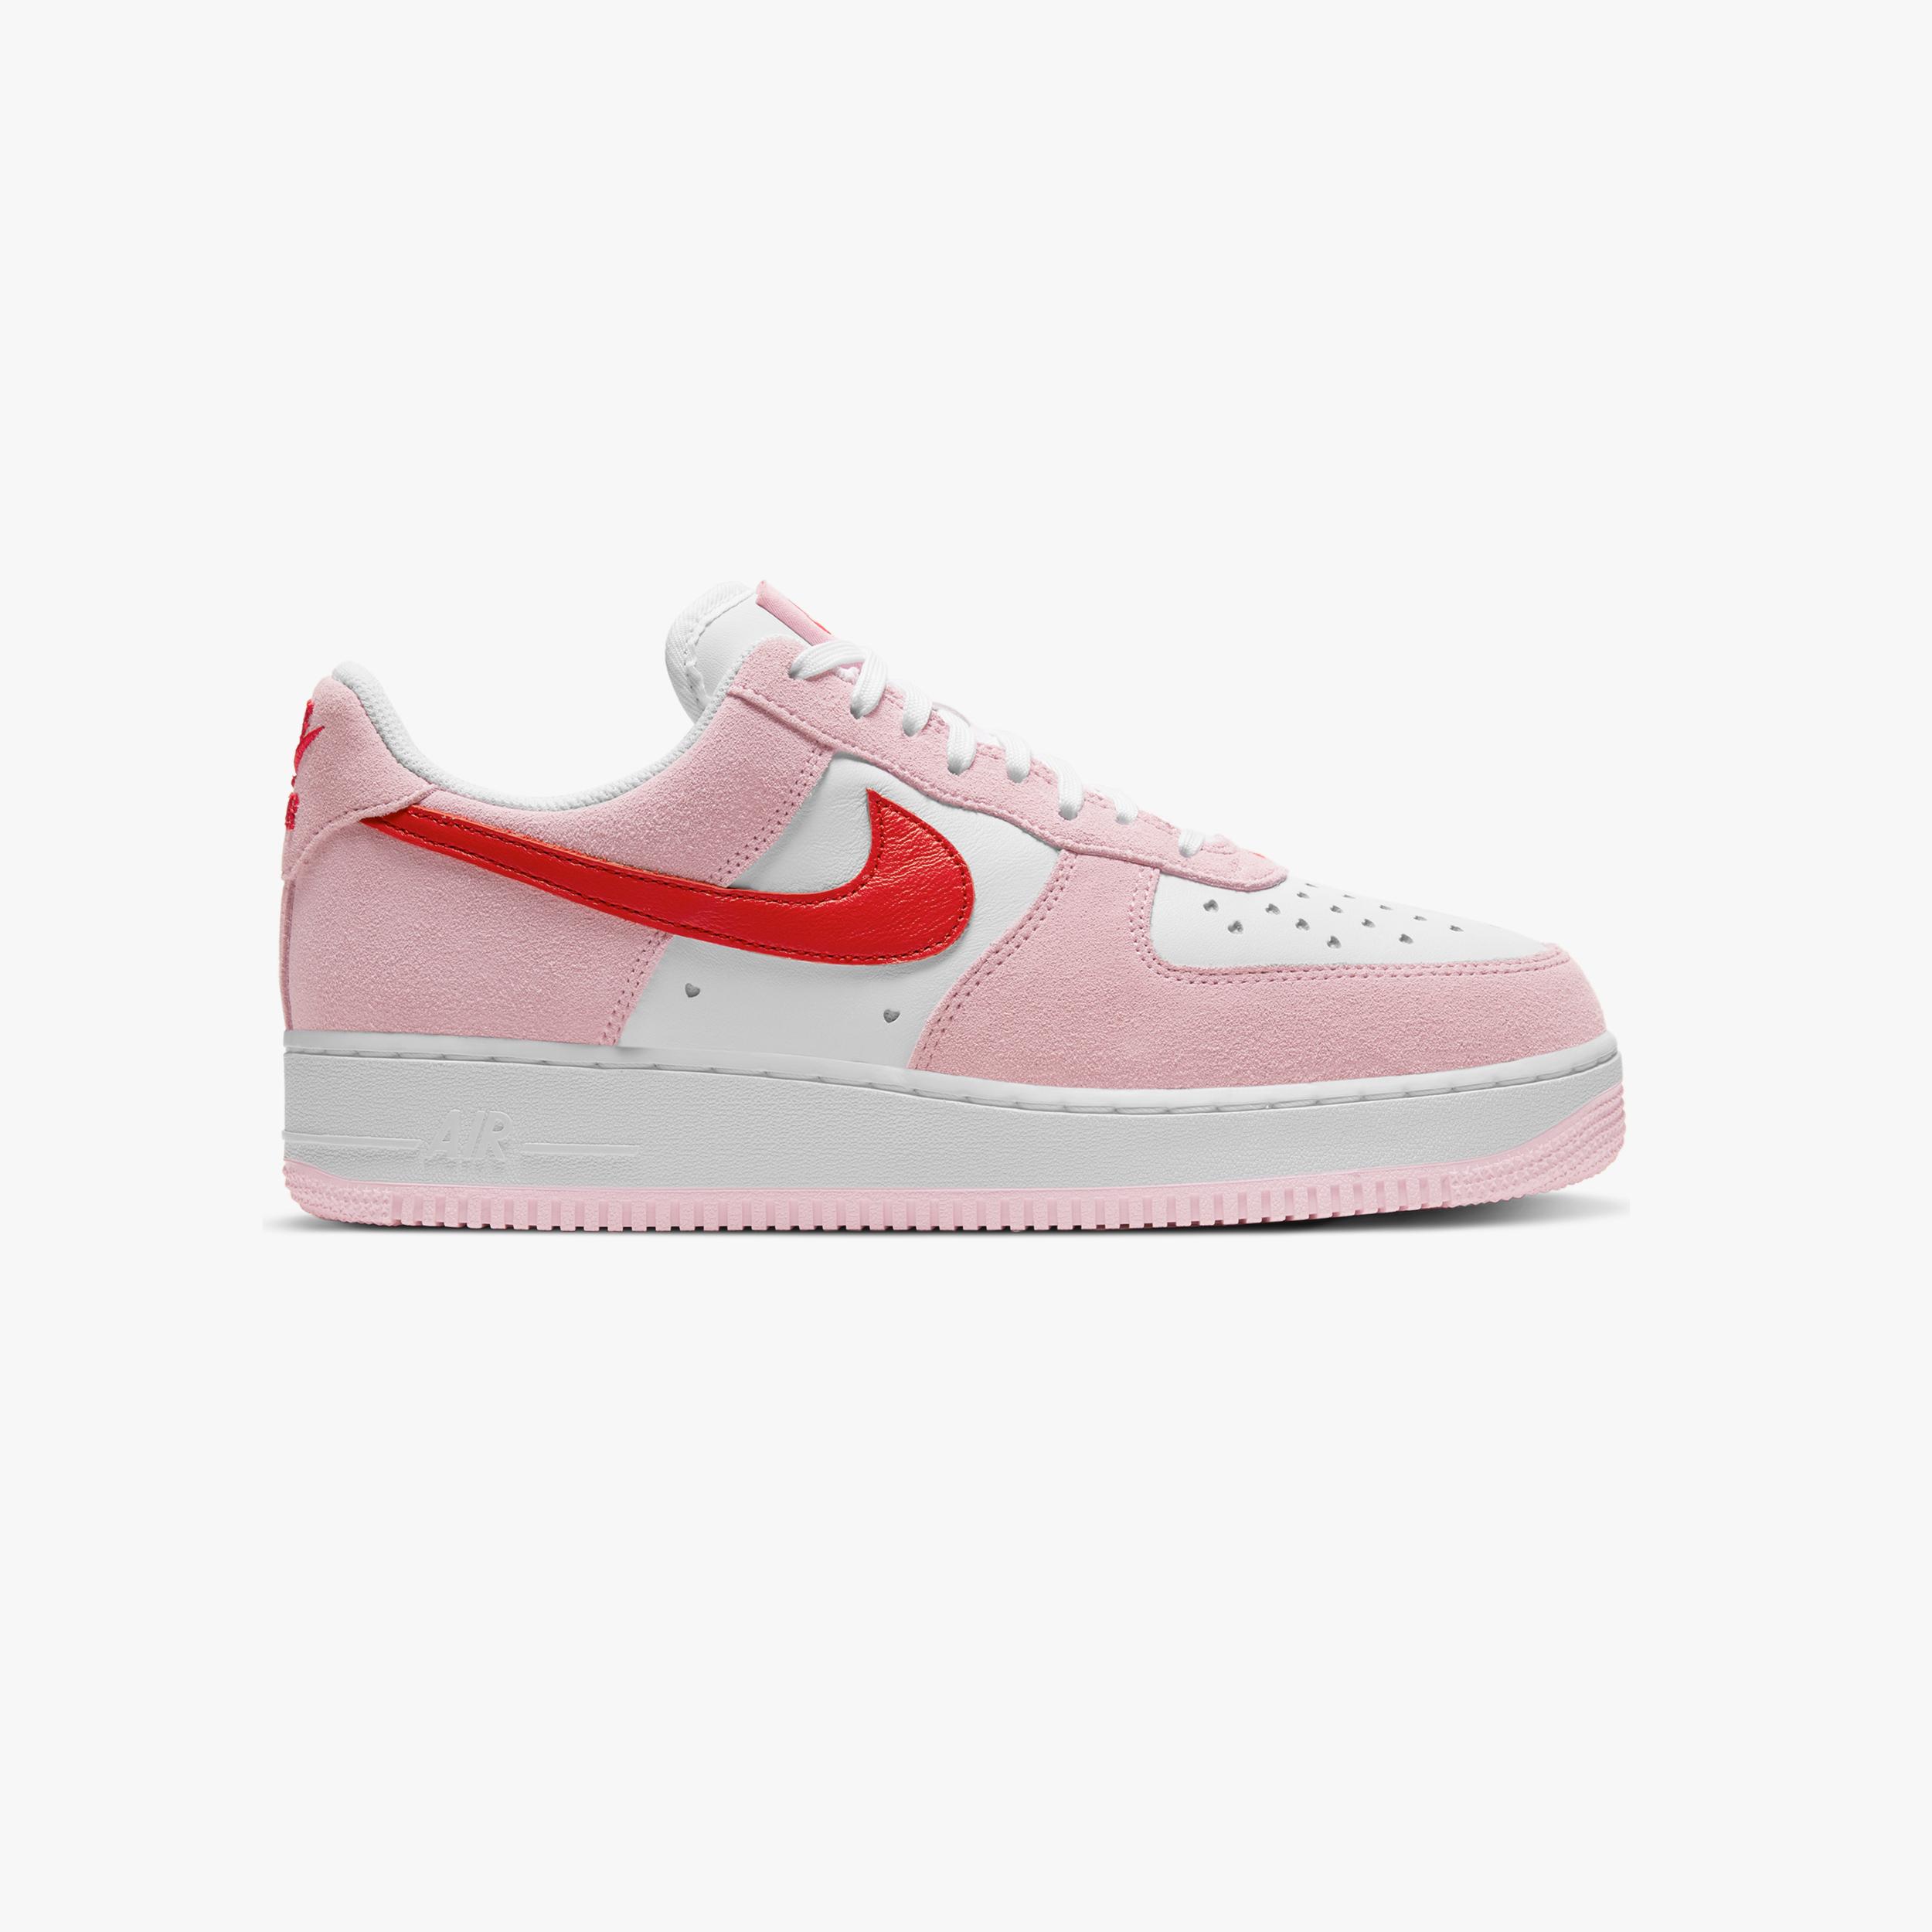 Nike Sportswear, Air Force 1 '07 QS